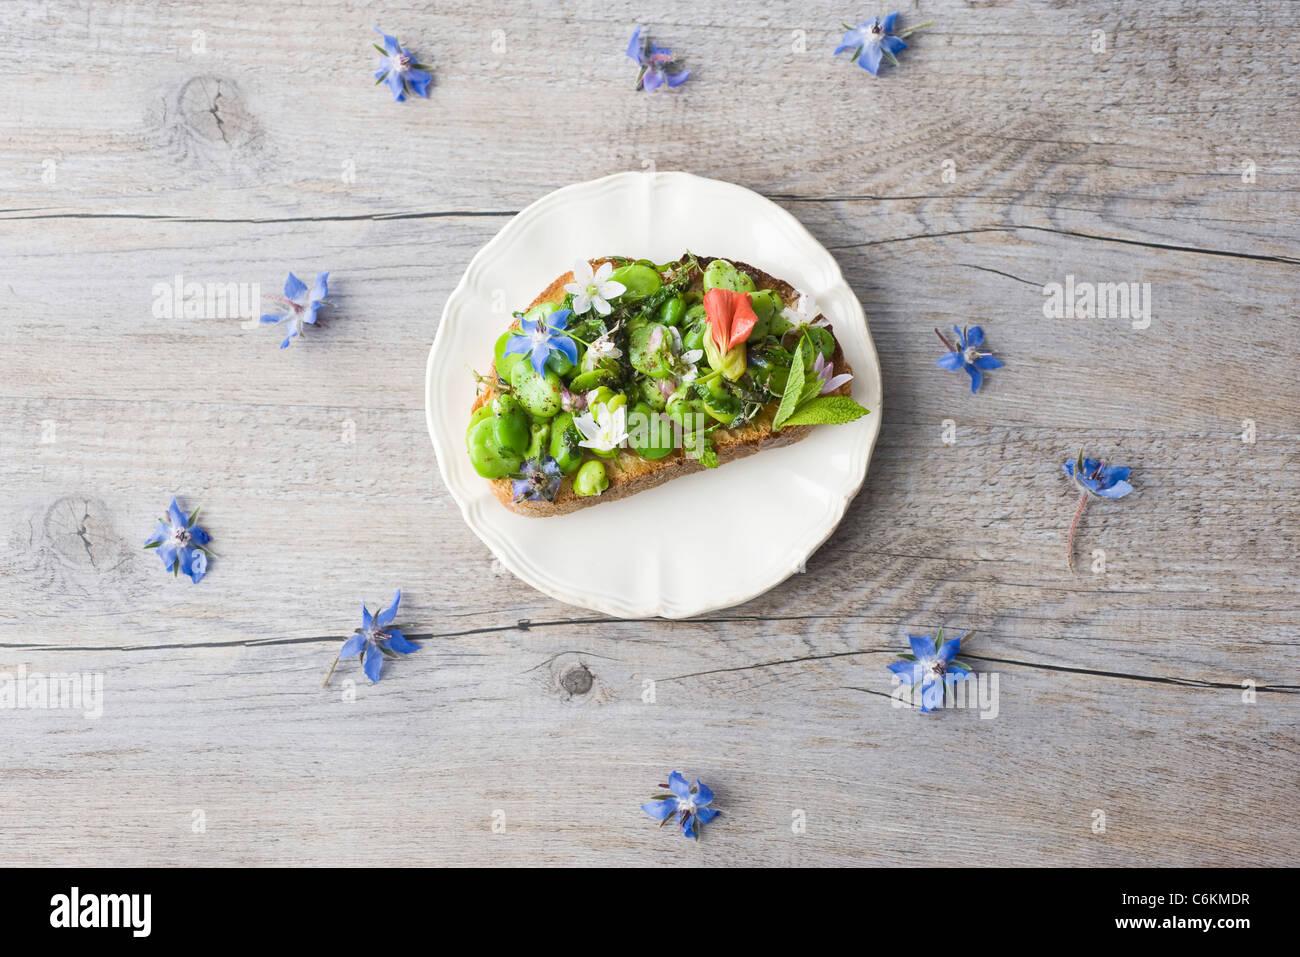 Bohne und Kraut Tartines mit Wildblumen Stockfoto